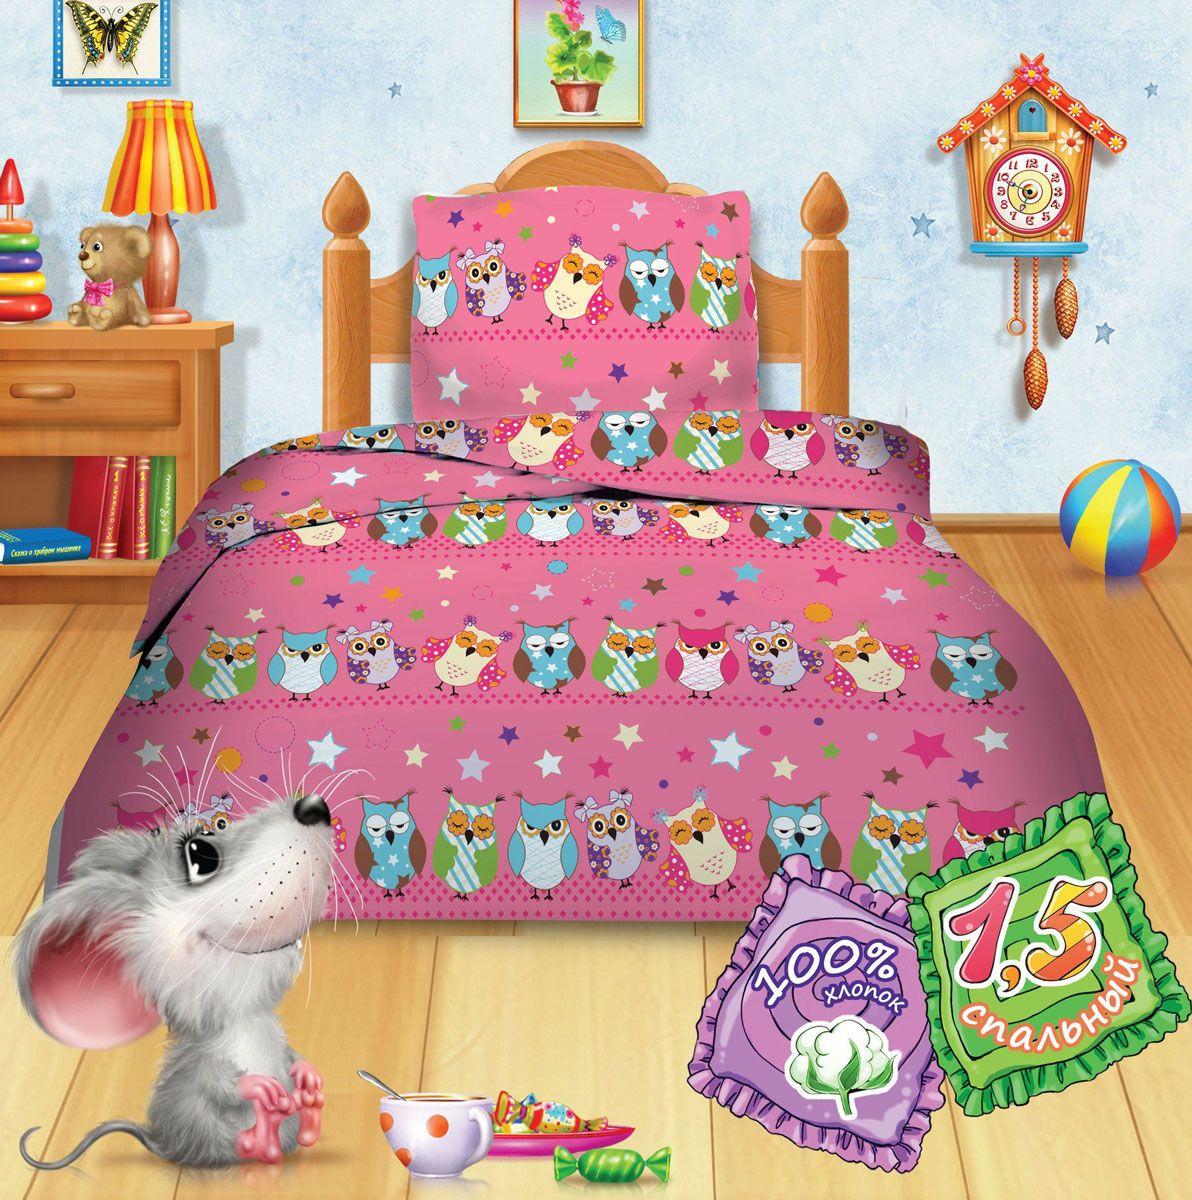 Комплект детского постельного белья Кошки-мышки Совы, 1,5-спальный, наволочки 70х70422719